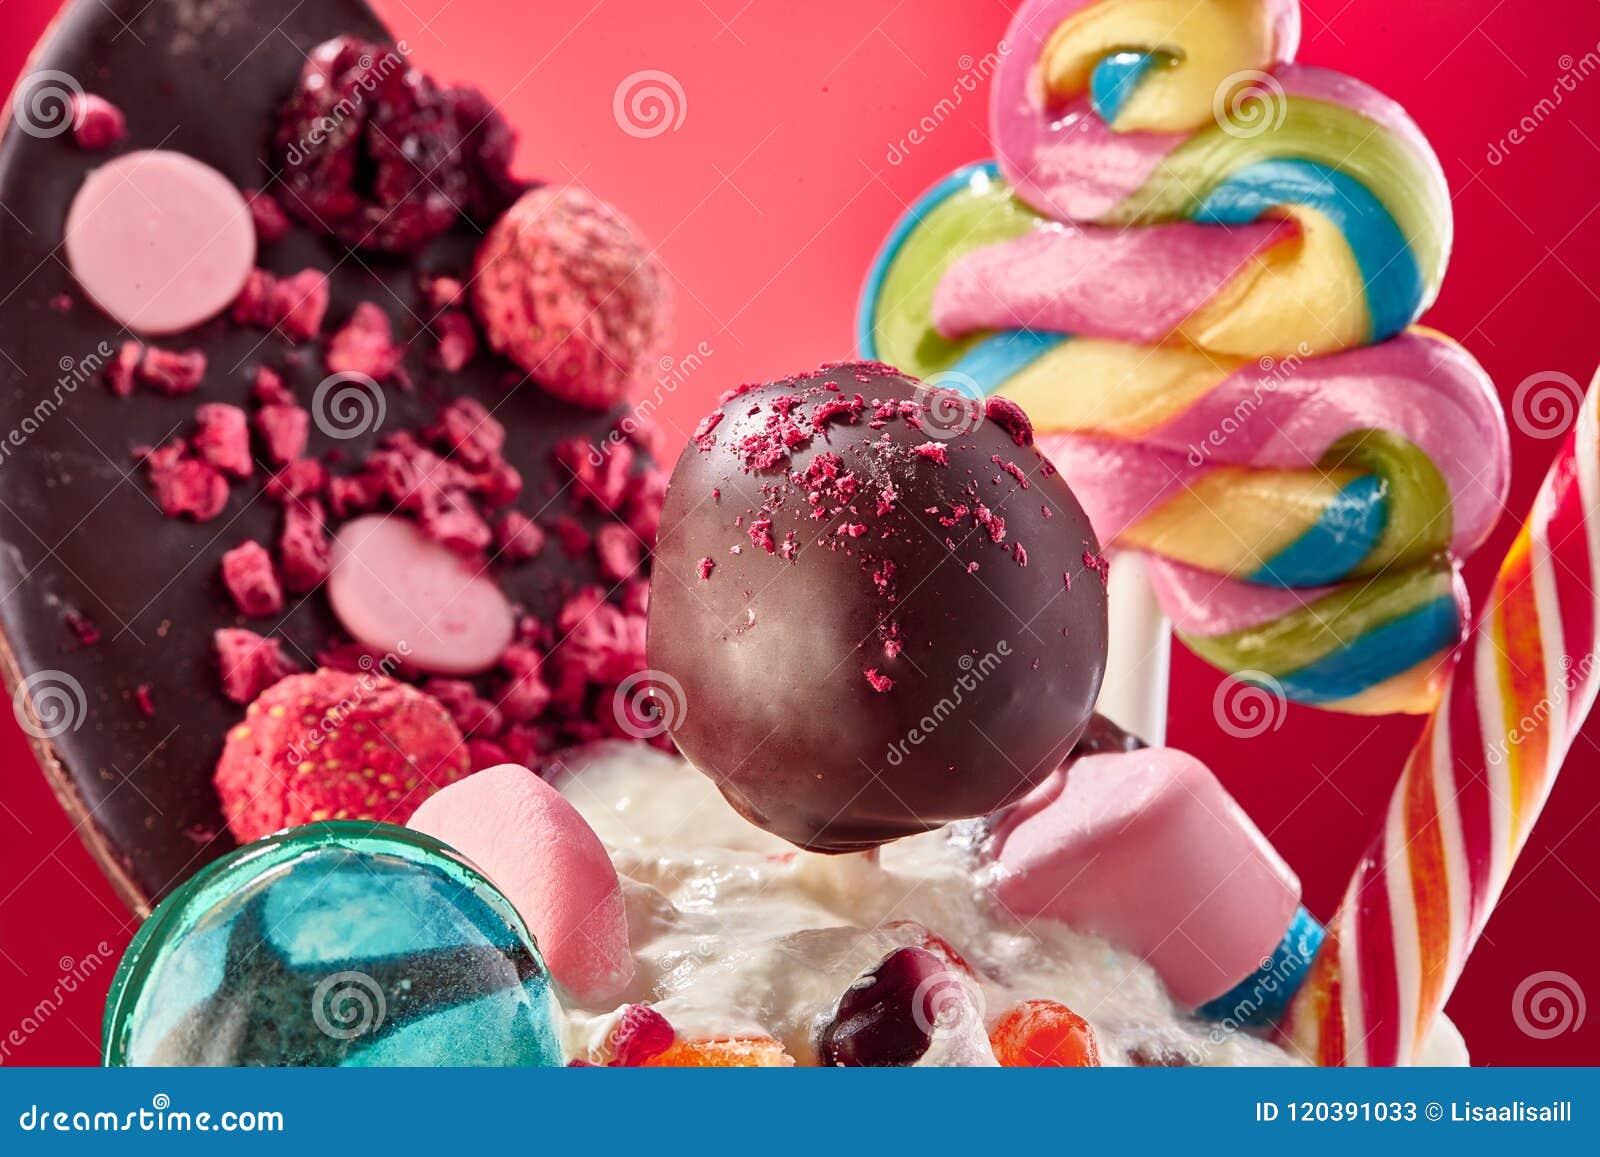 Les bonbons et les festins se ferment vers le haut de la photo, le lolipop de chocolat, plat de chocolat de lolipops de caramel a